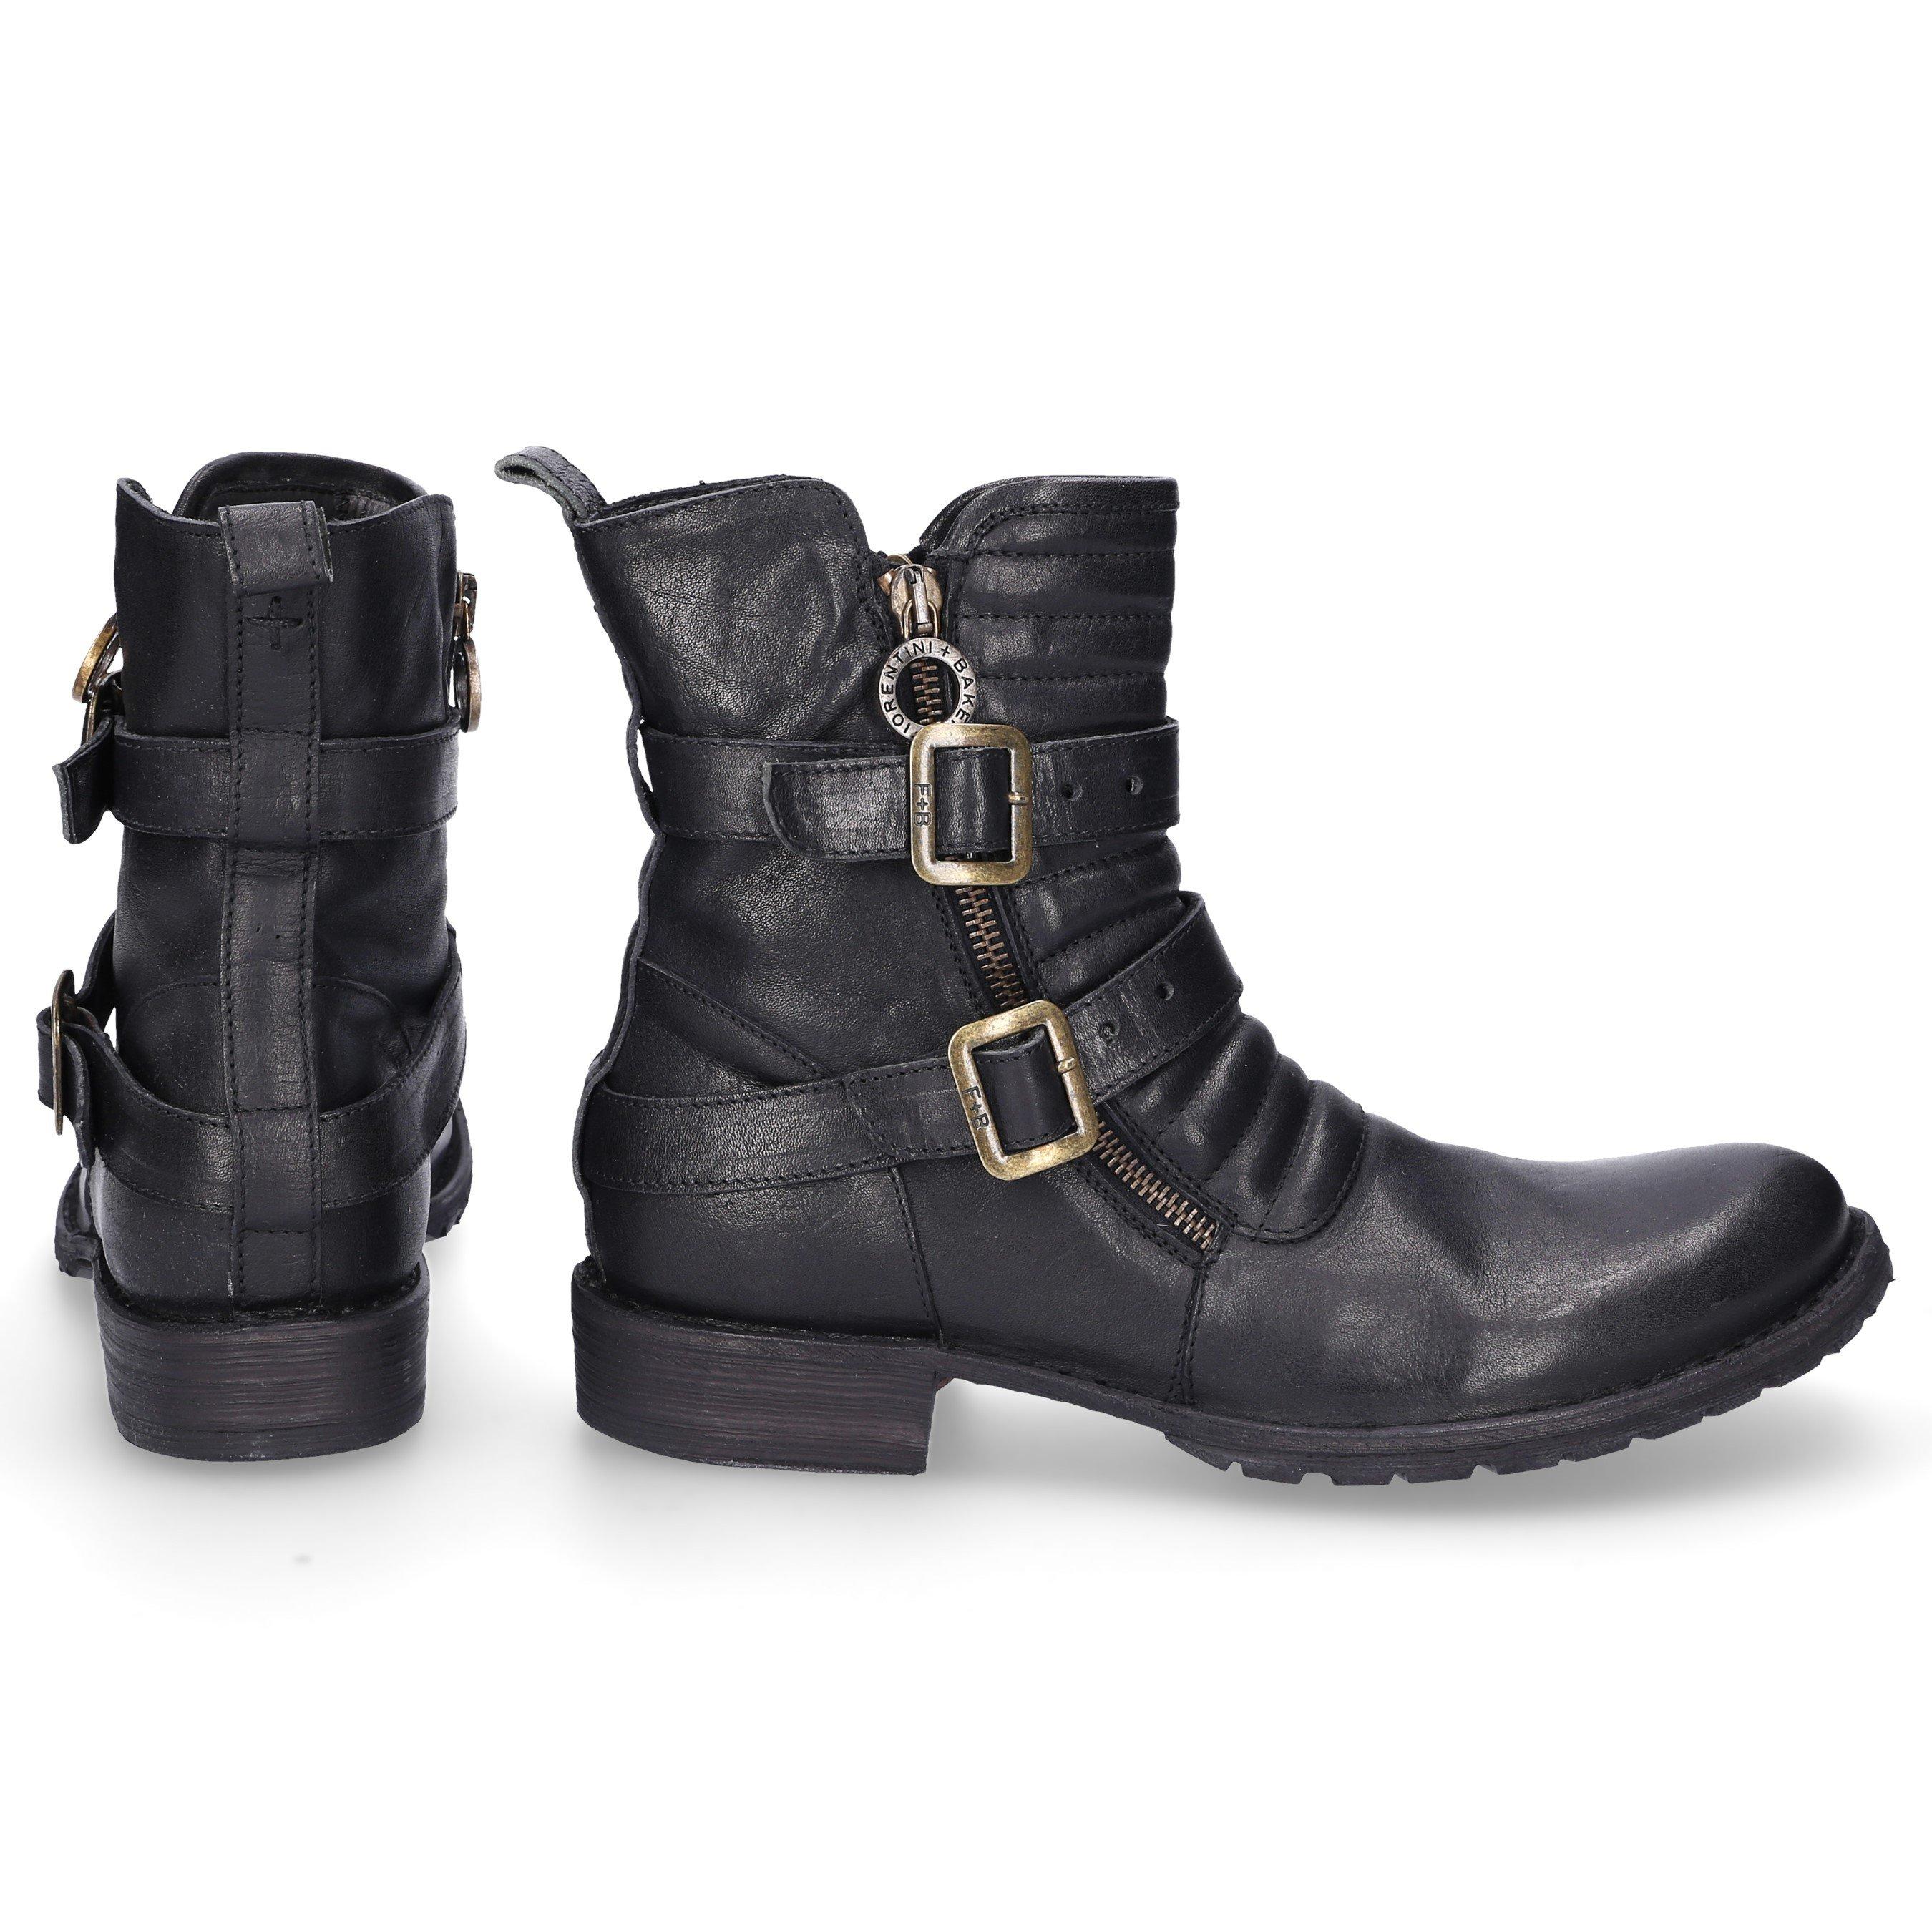 Fiorentini + Baker BOOTS BLACK EDUCA